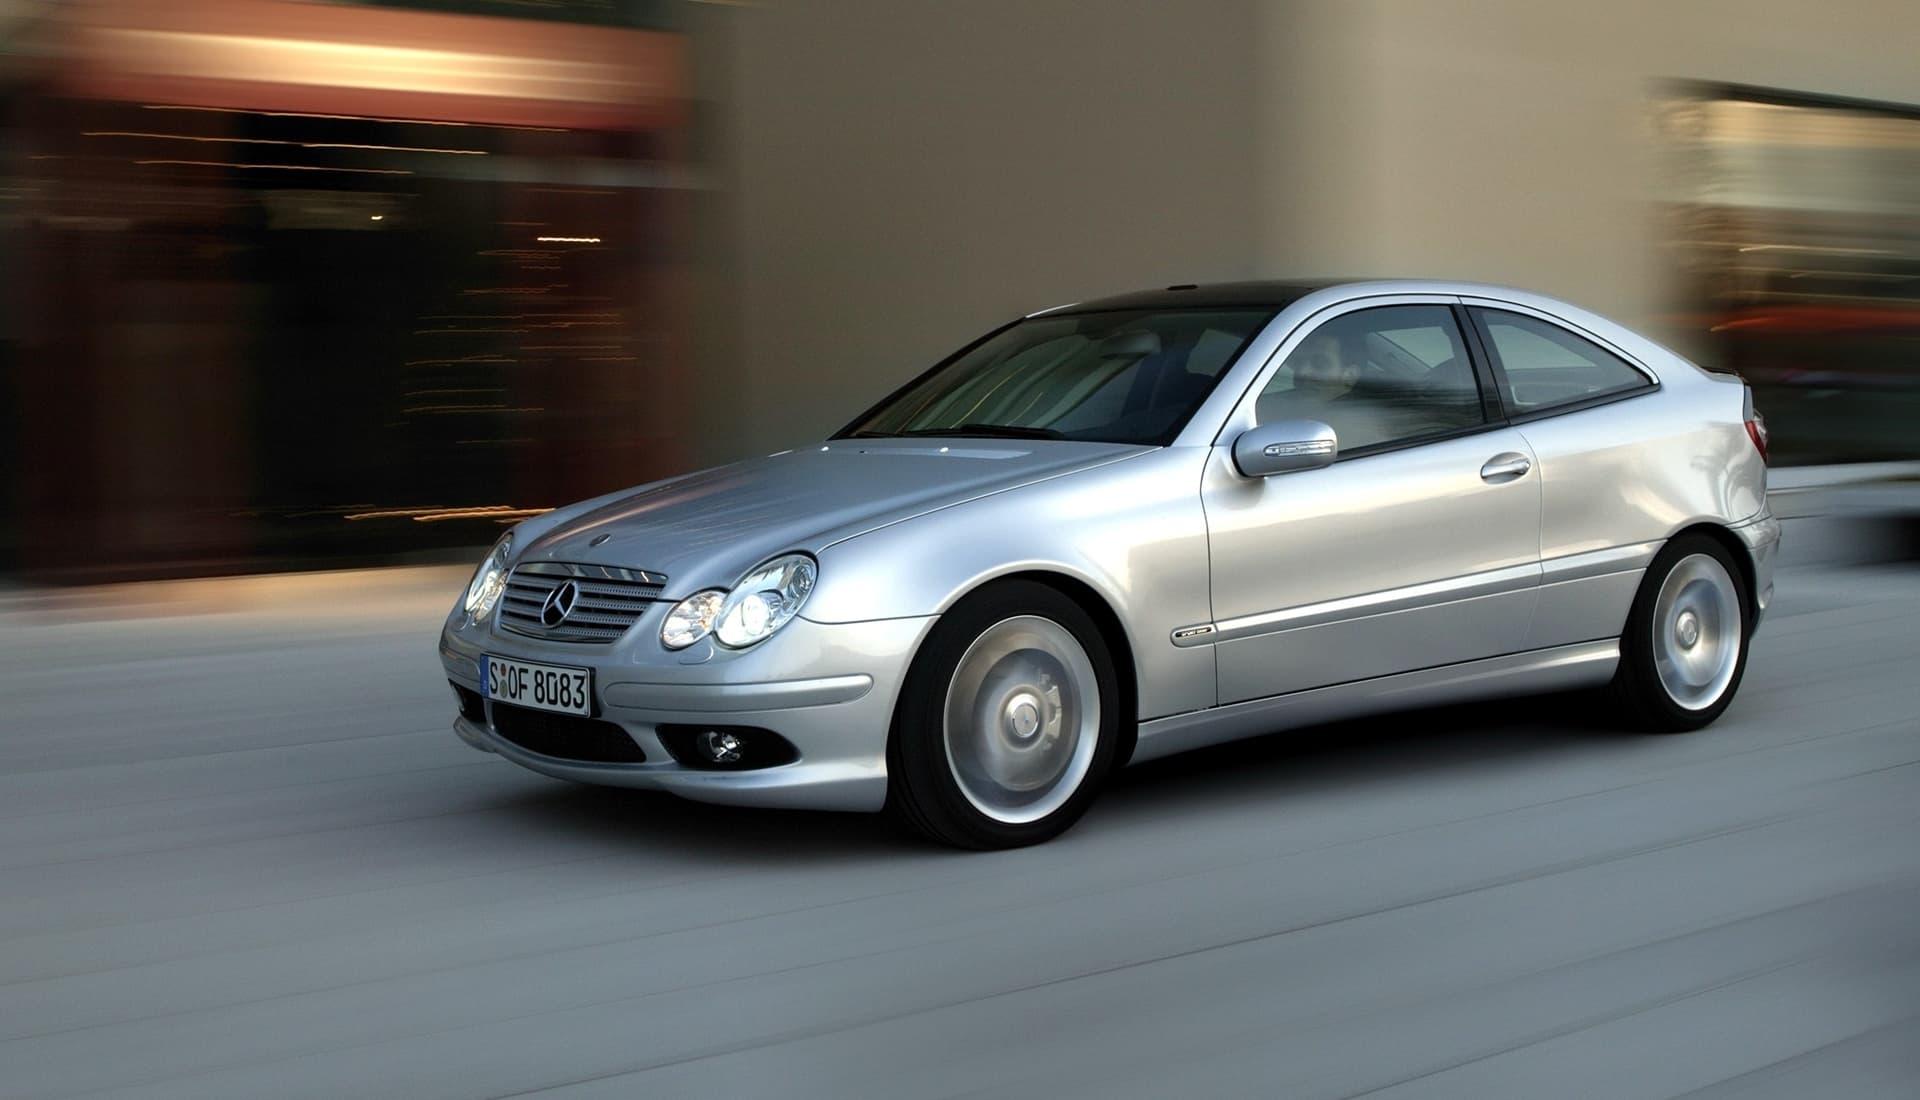 Mercedes C 30 Cdi Amg 2003 0521 002